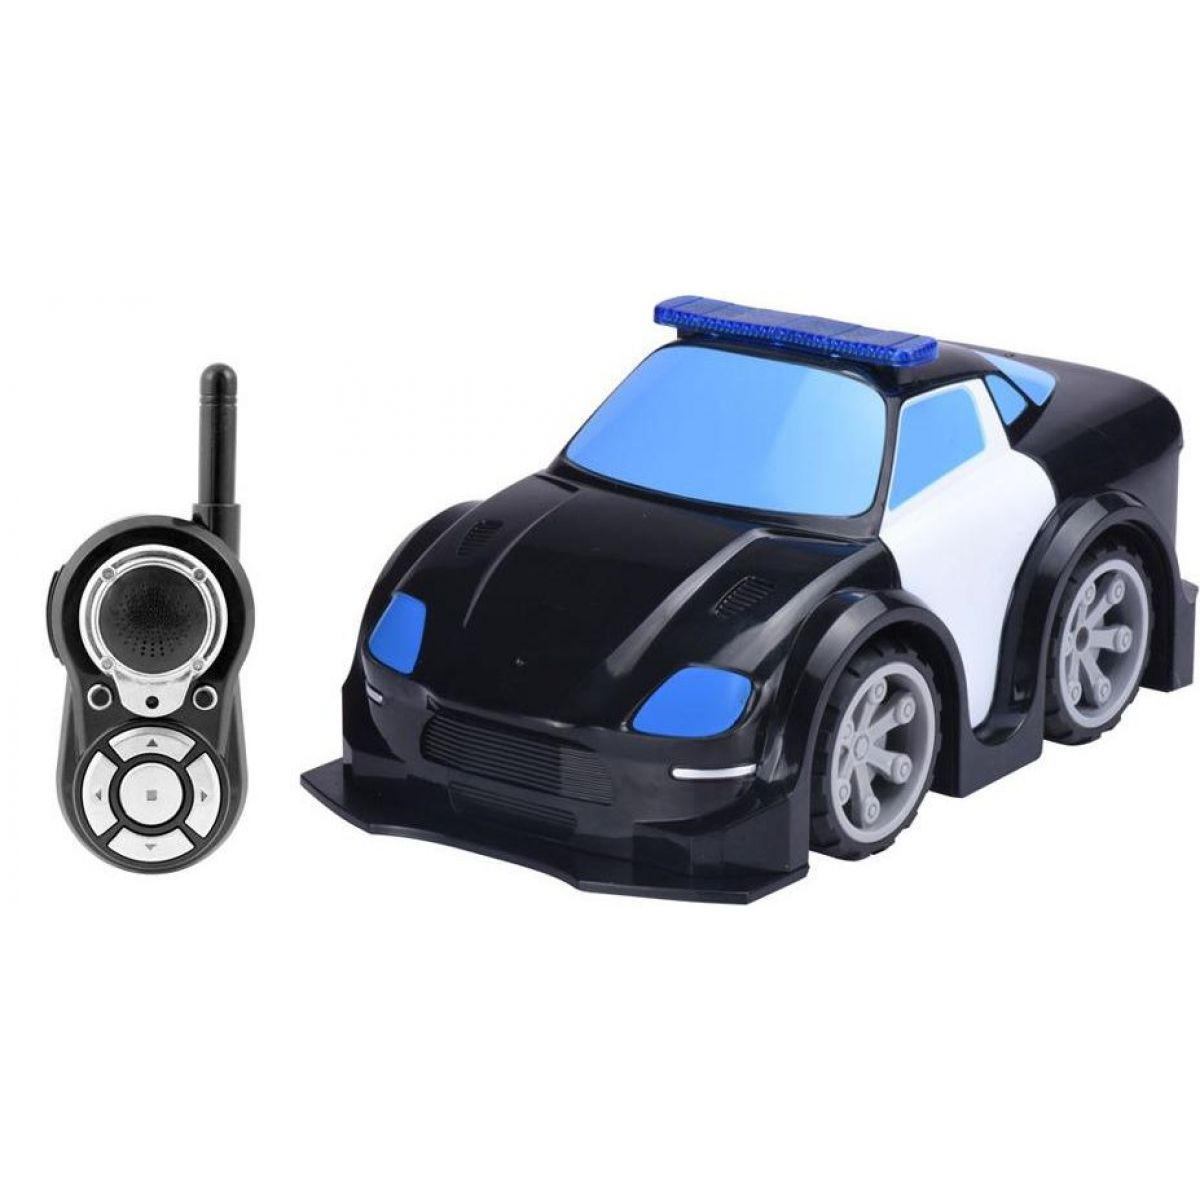 Ep Line Policejní RC auto ovládané hlasem 1:24 EPLINE